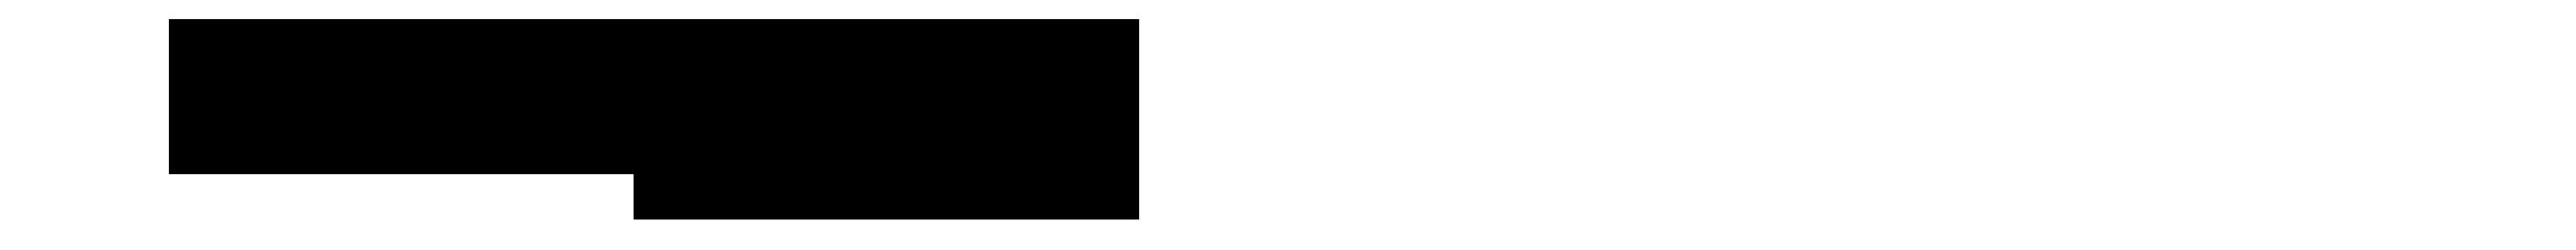 Typeface-Novel-Sans-F04-Atlas-Font-Foundry